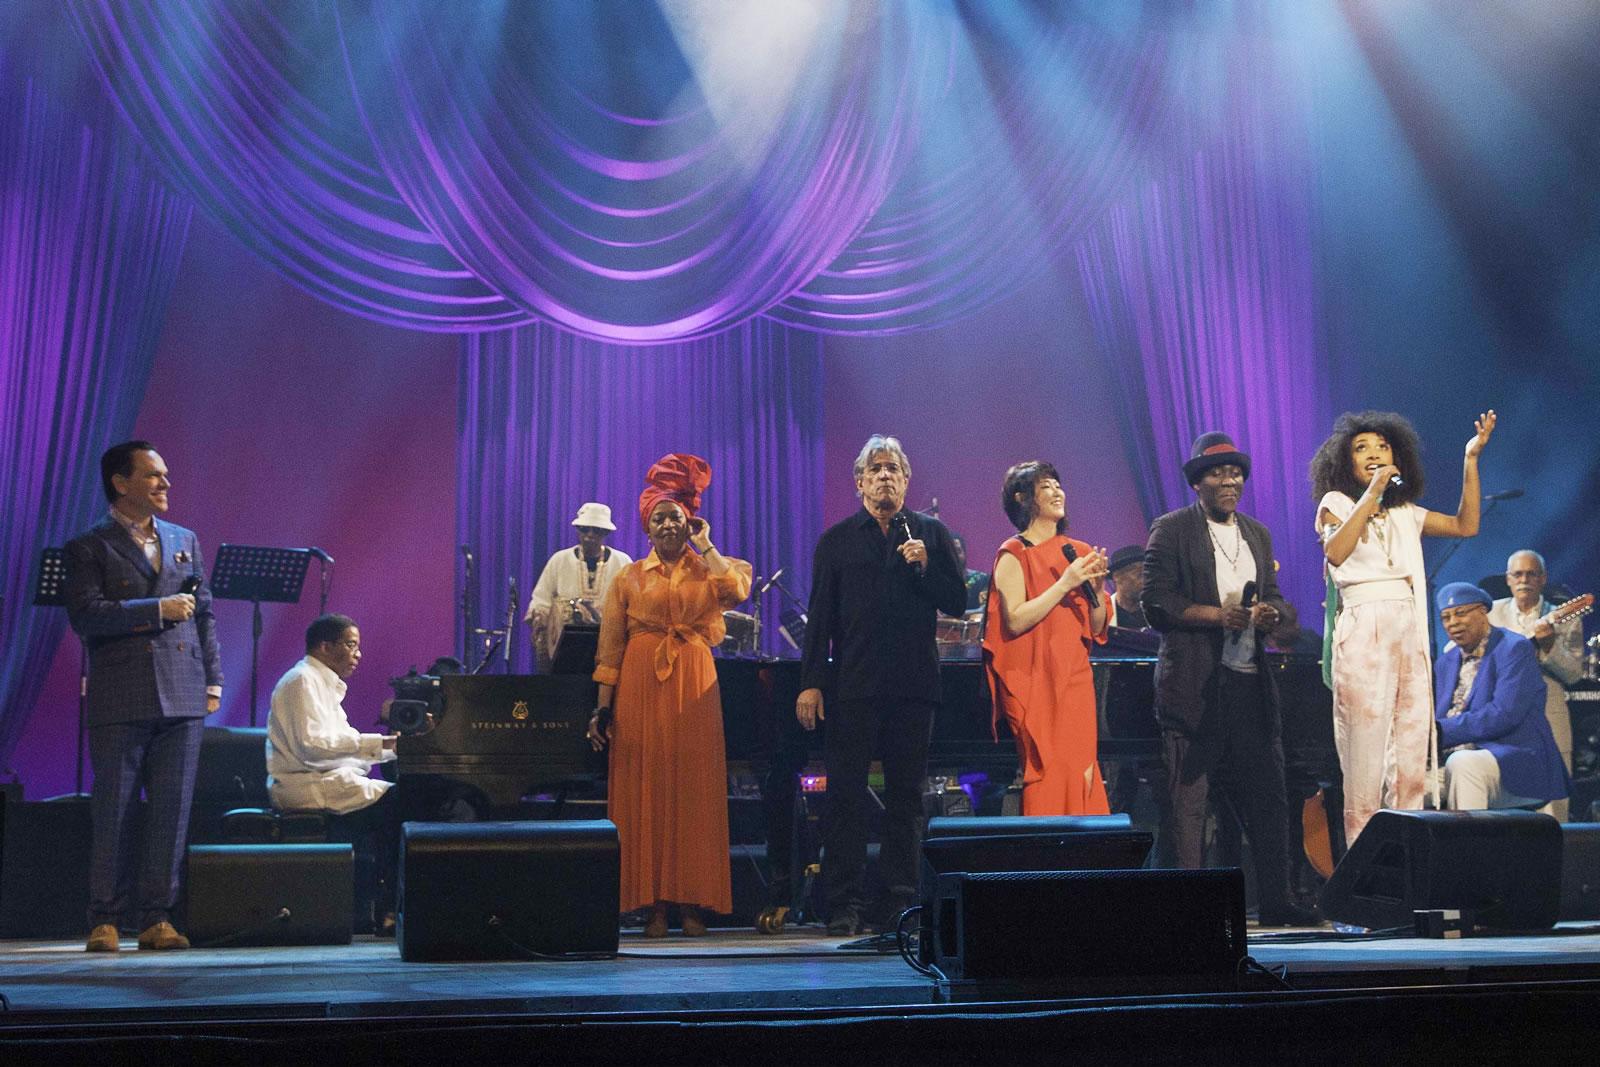 Artister på scenen under firandet av Unescos Jazzdag i Havanna.